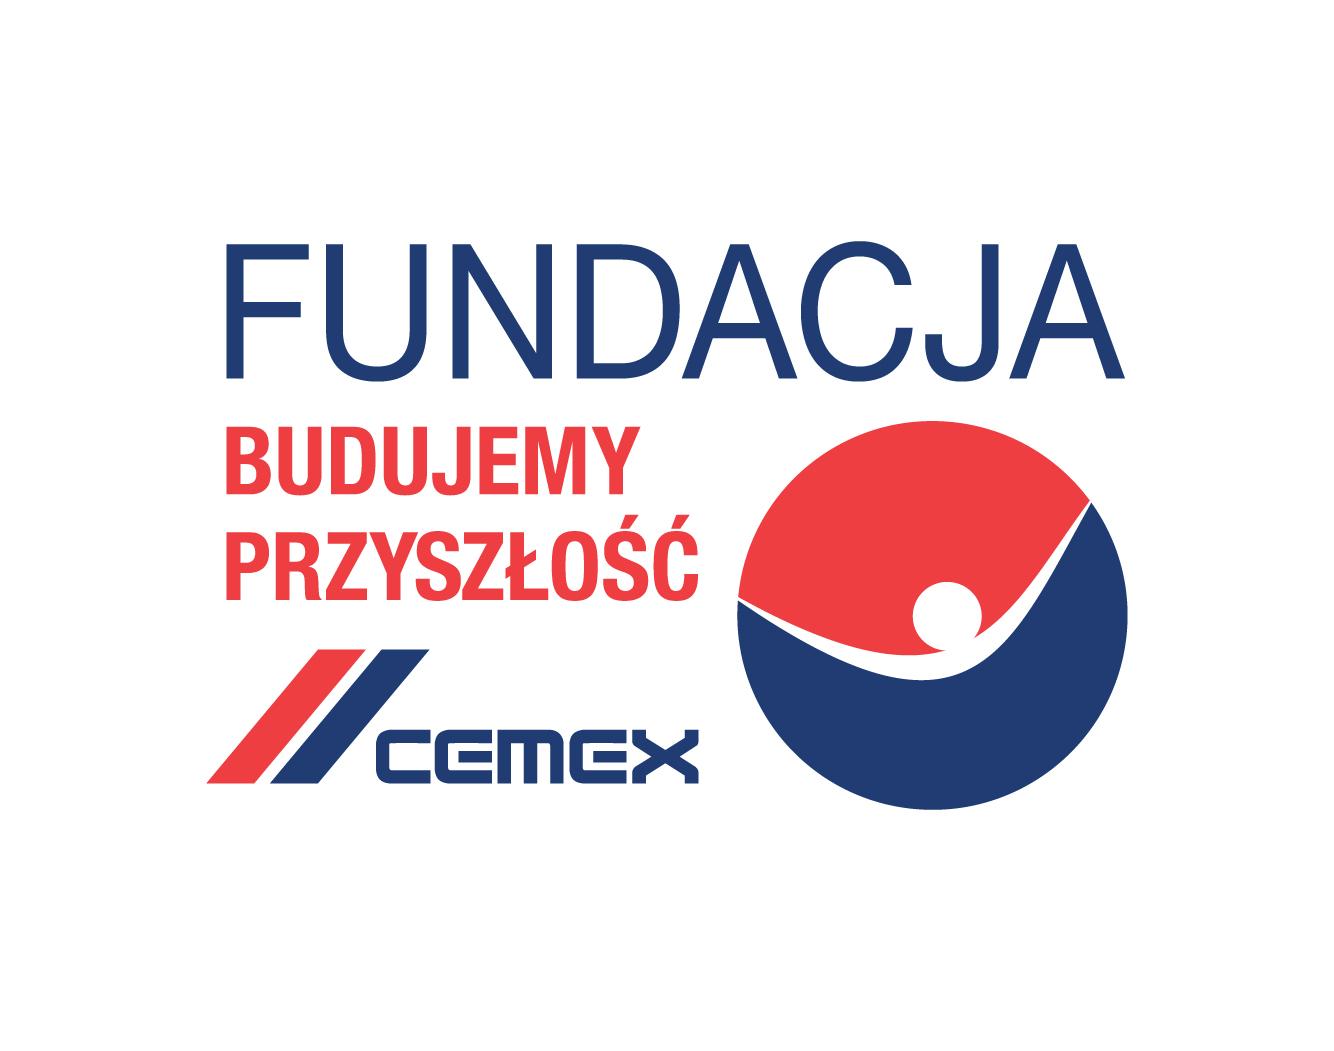 Fundacja CEMEX Budujemy Przyszłość